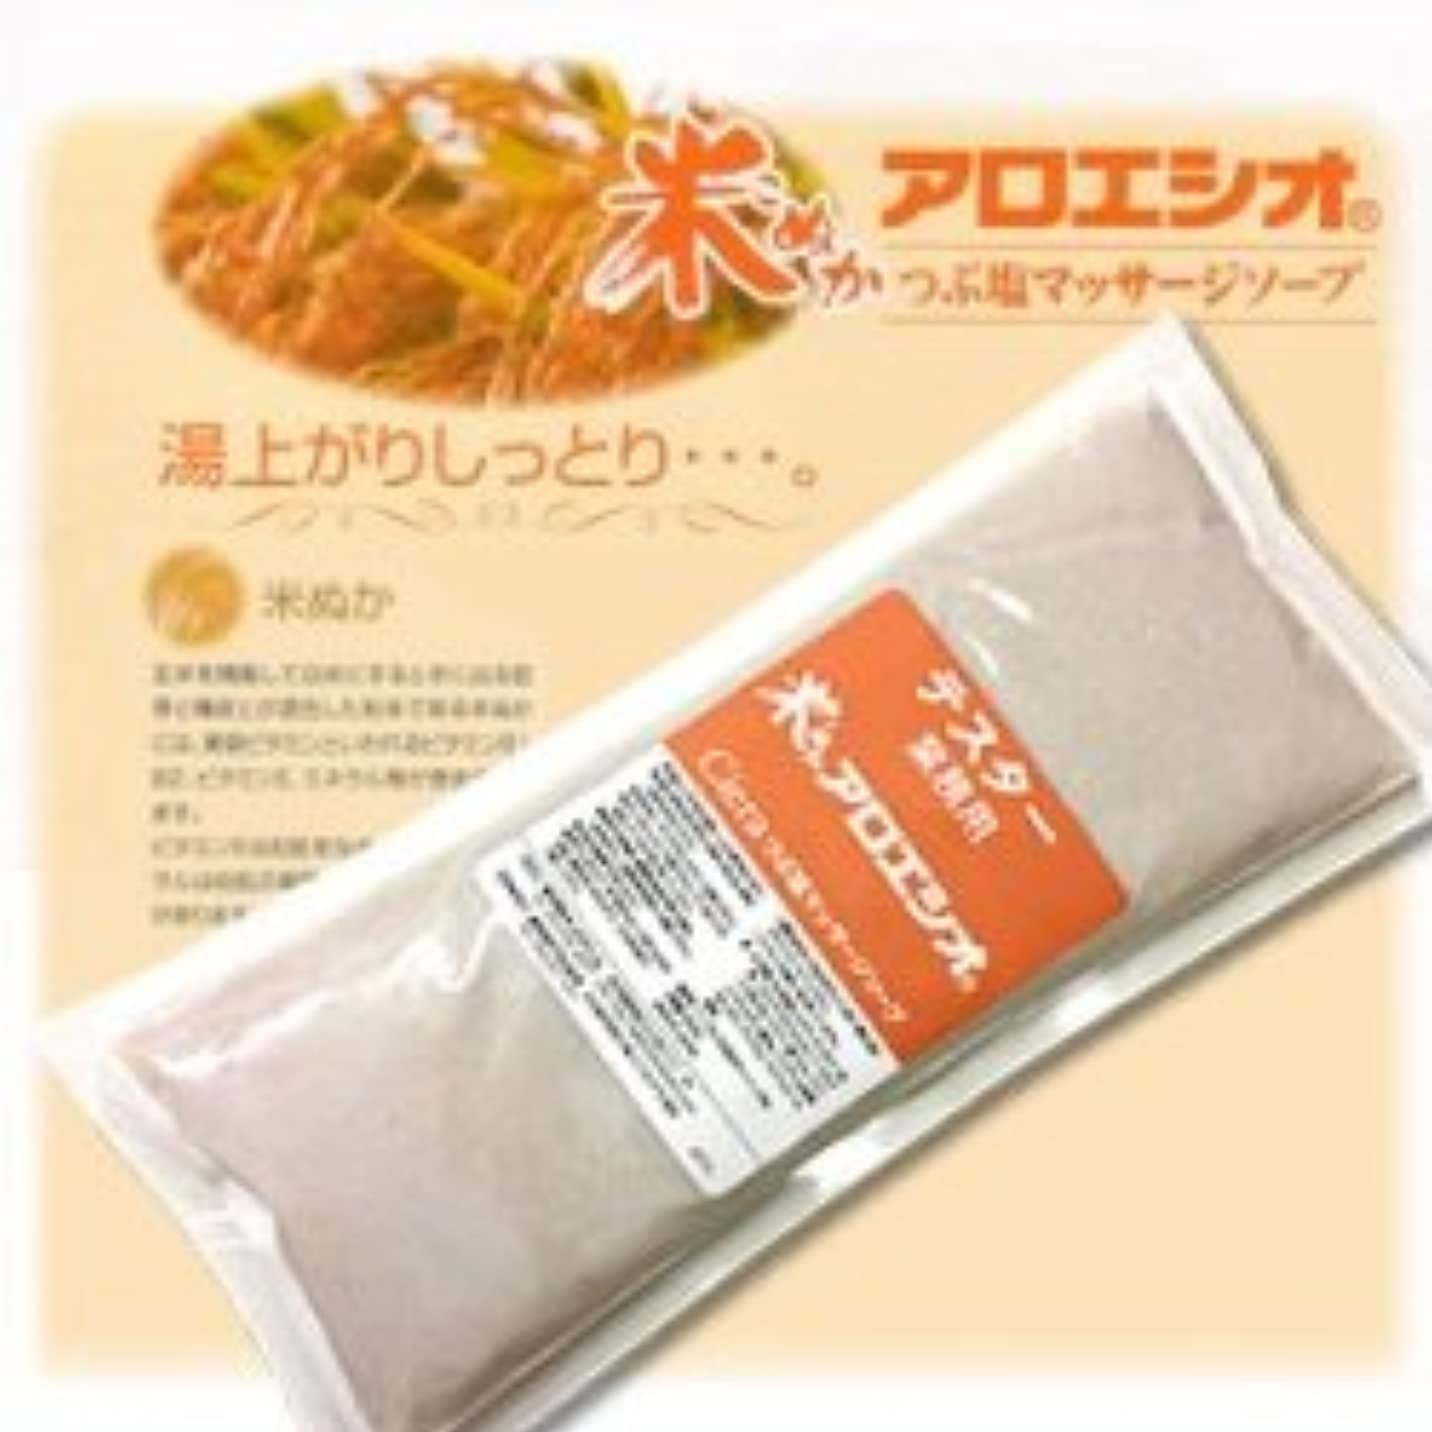 ぐったりするだろう盆業務用米ぬかアロエ塩 800g つぶ塩マッサージソープ/ フタバ化学 アロエシオ Ciera